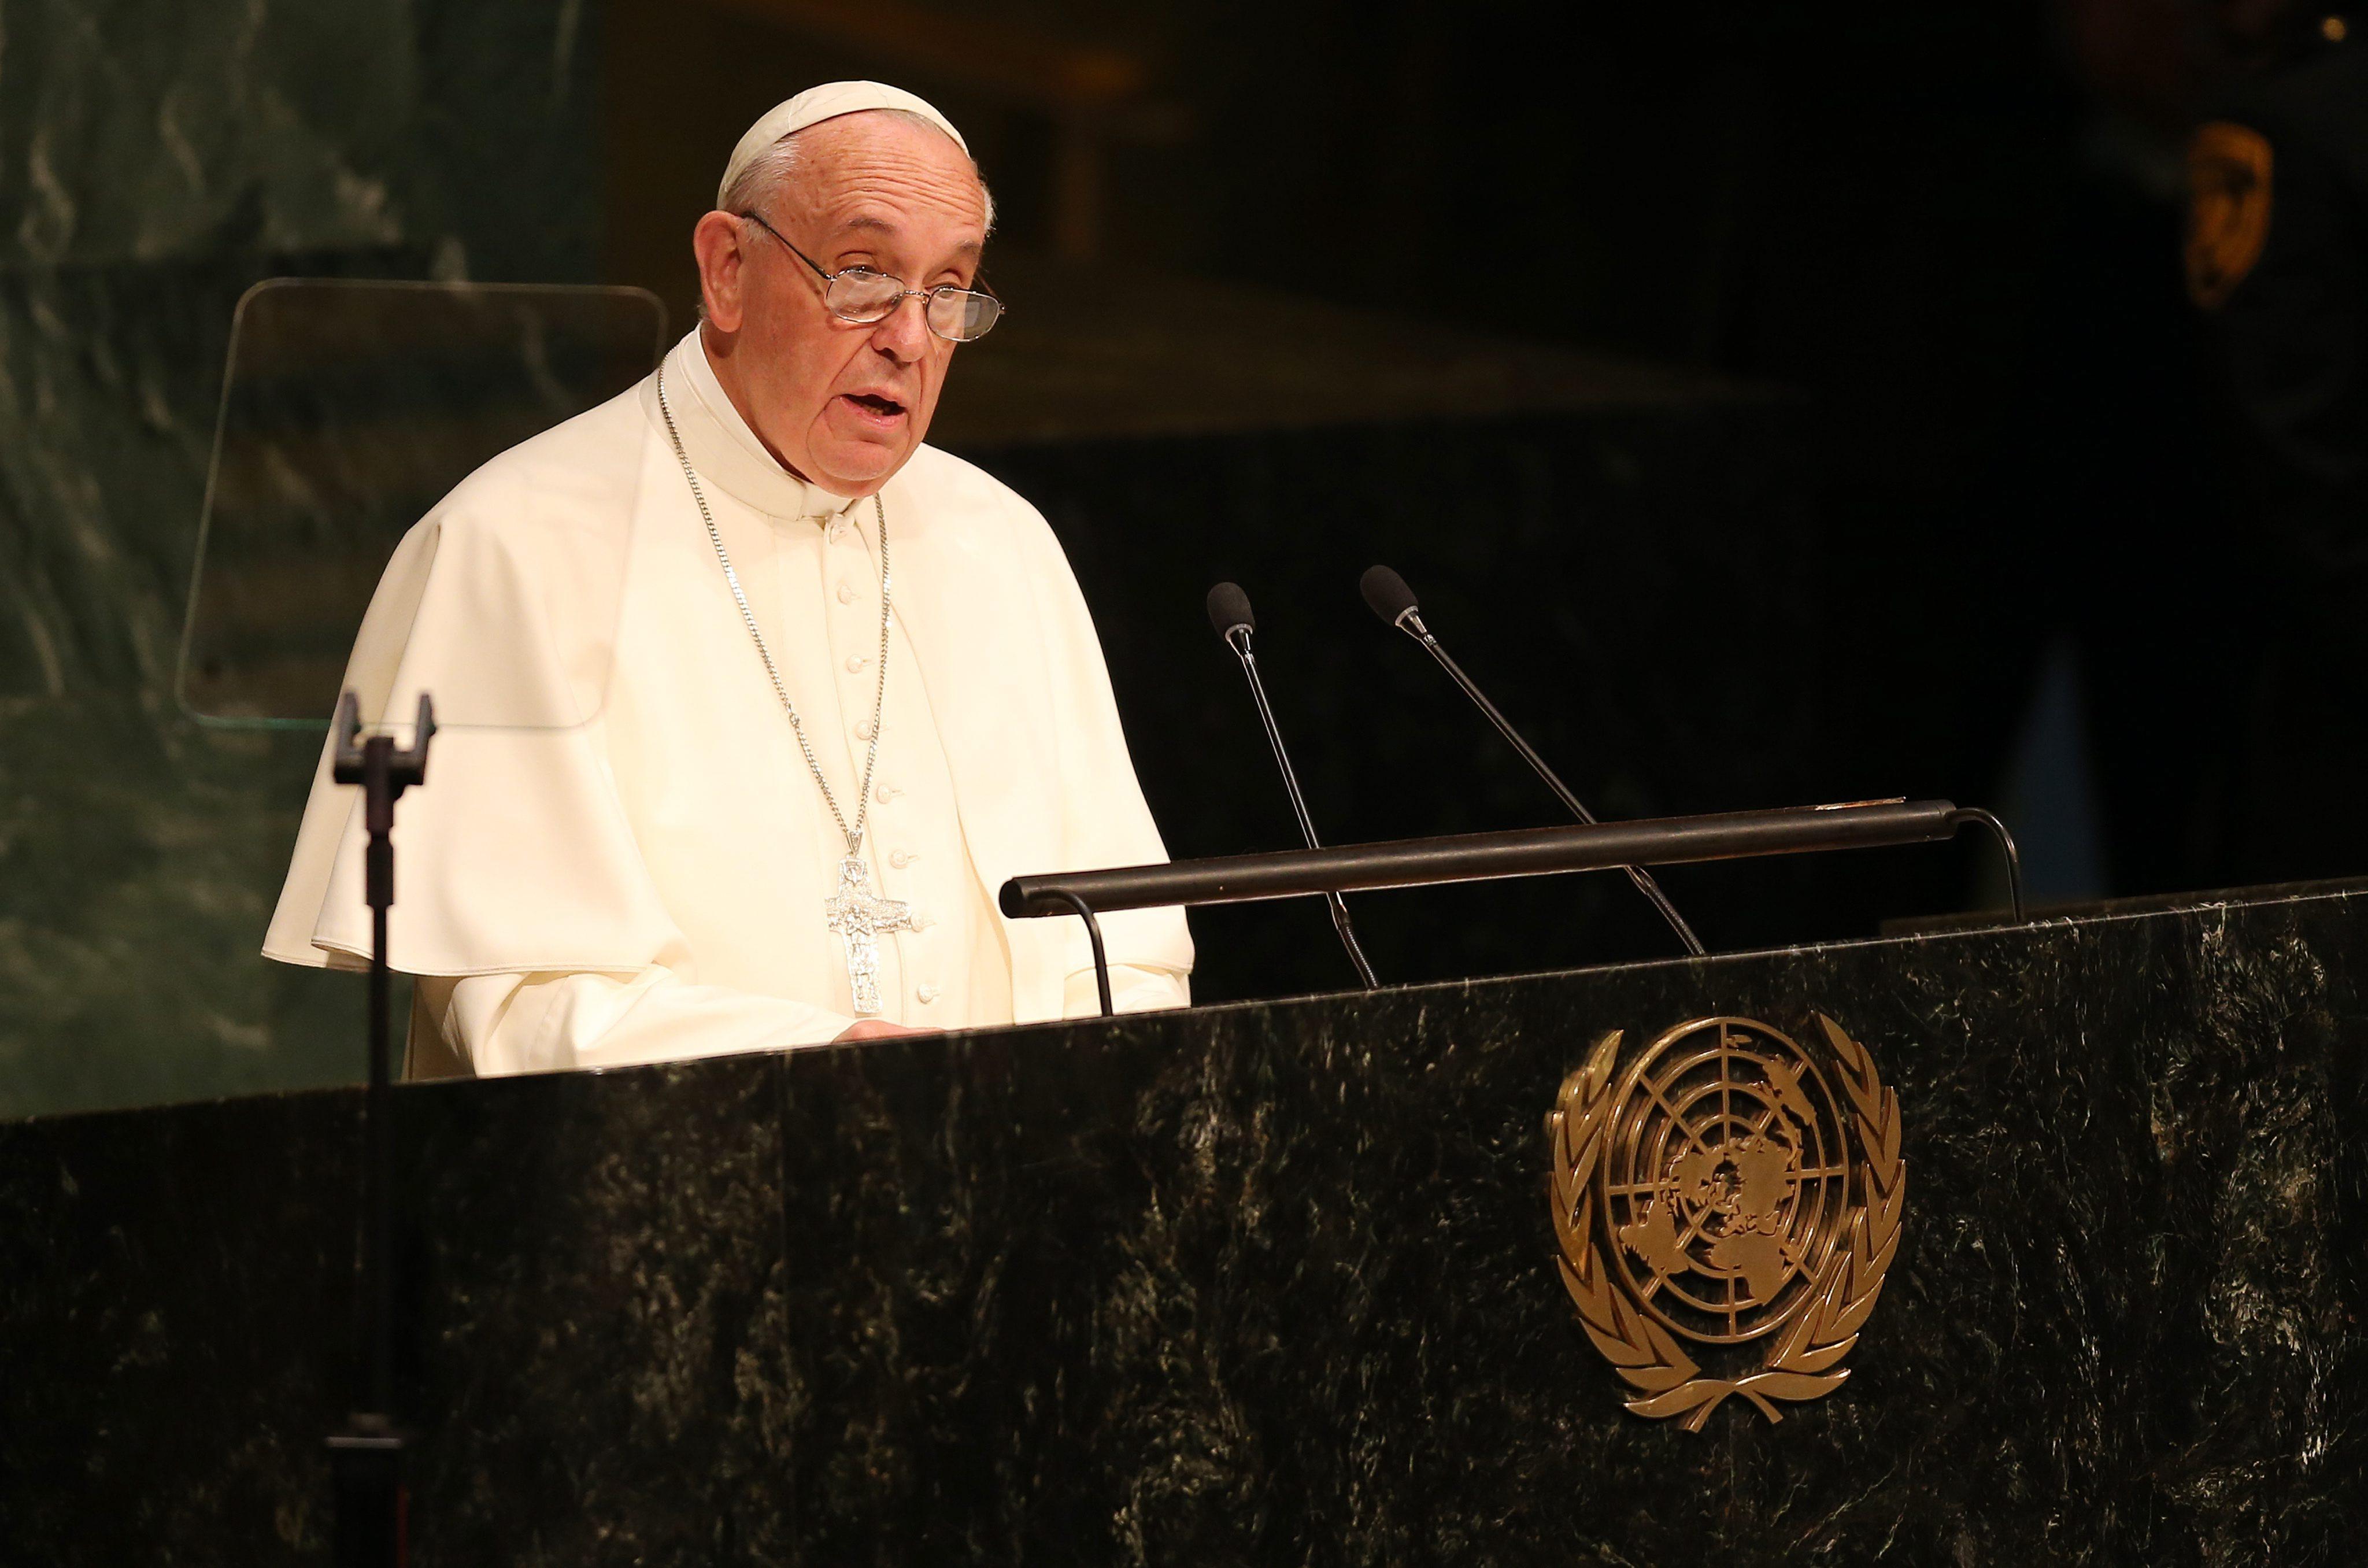 Para o papa Francisco, não há justificativas para esse tipo de atentado.